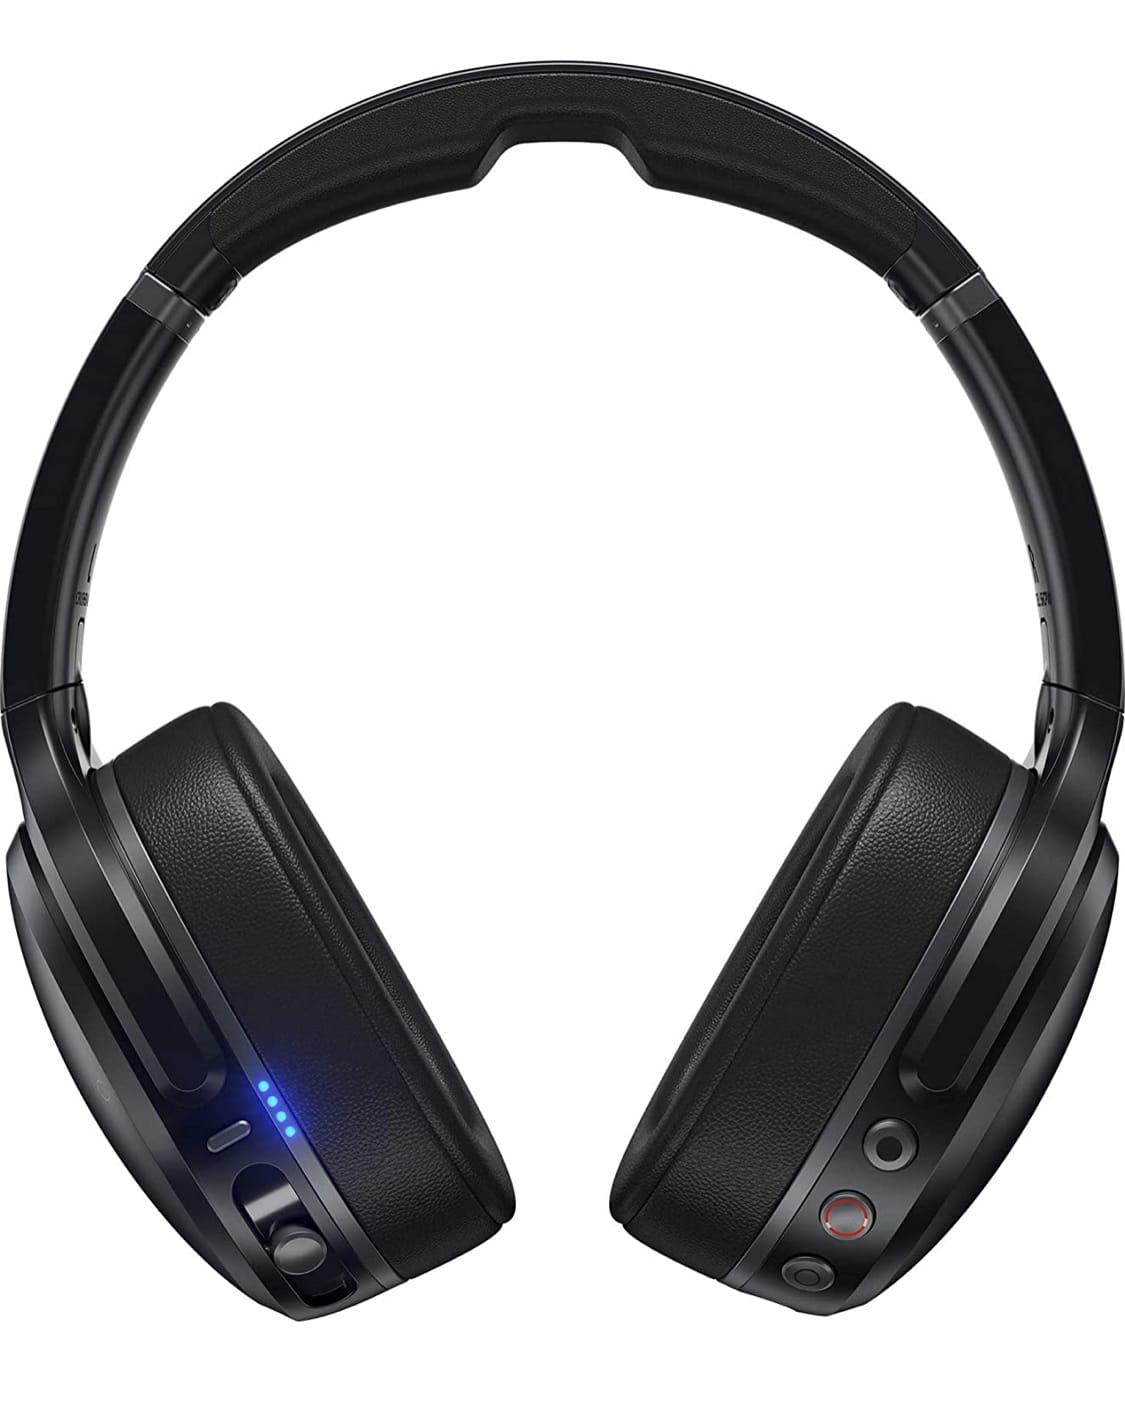 Best wireless headphones under 200$